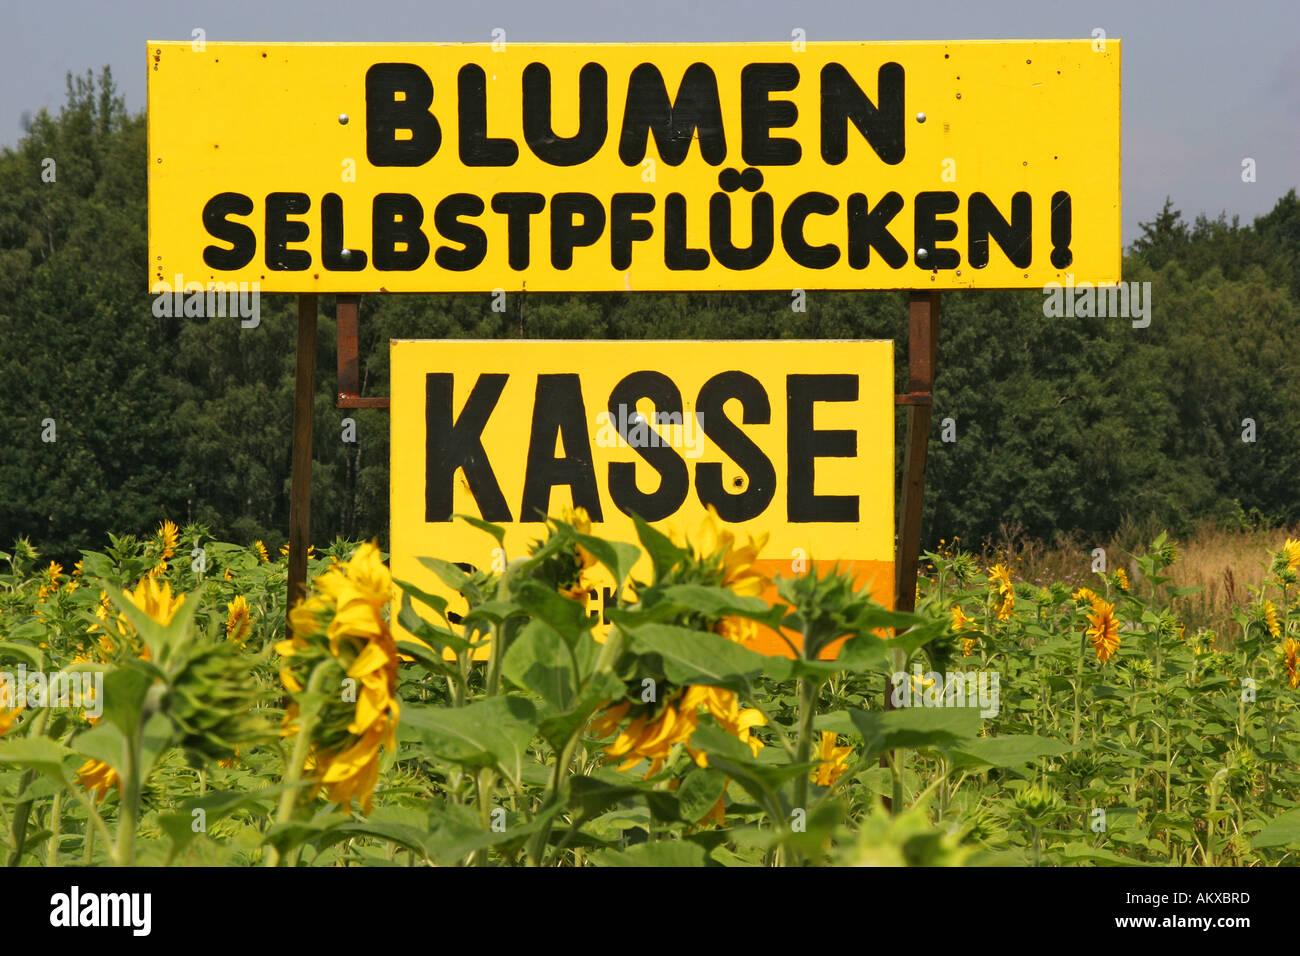 Gro e gelbe tafel werbung selbst pfl cken von sonnenblumen for Gelbe tafel